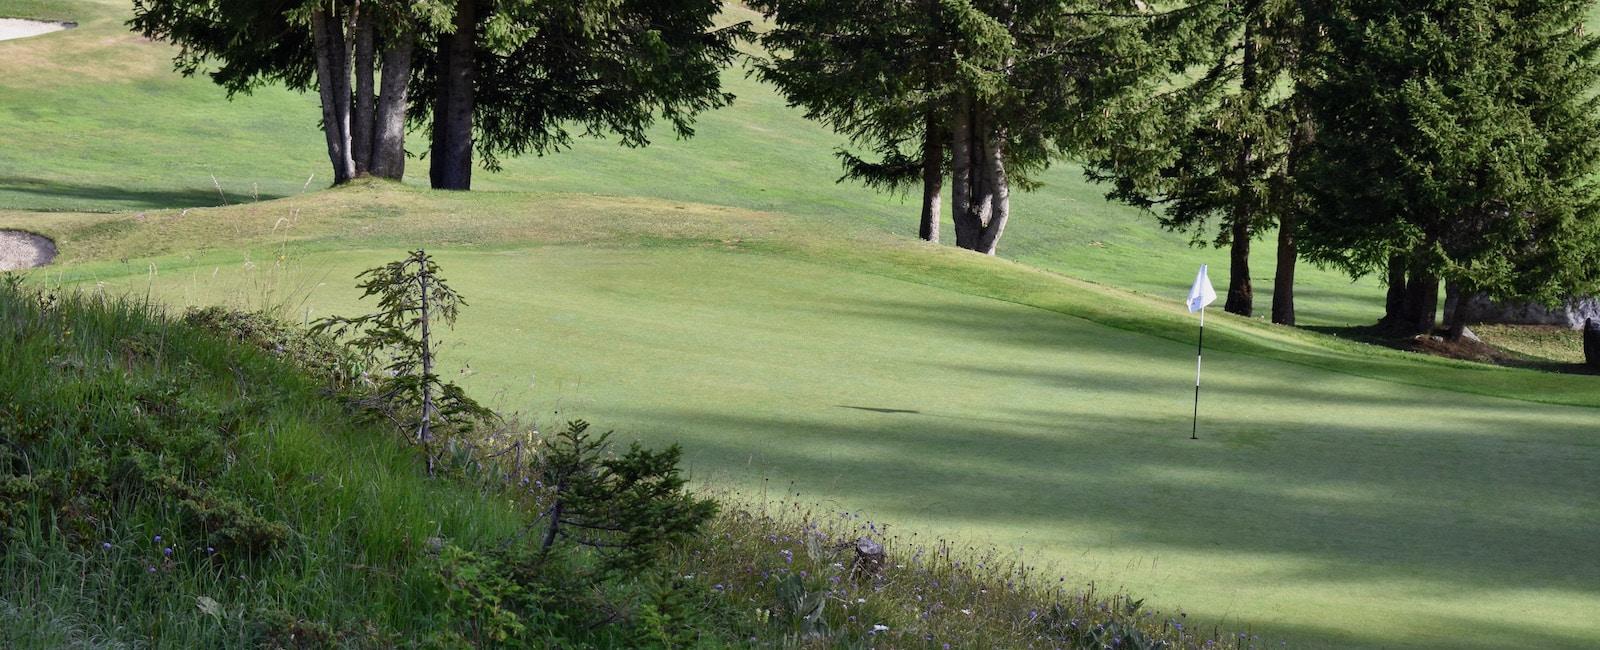 Golf Club de Courchevel | Trou 7 le Juge